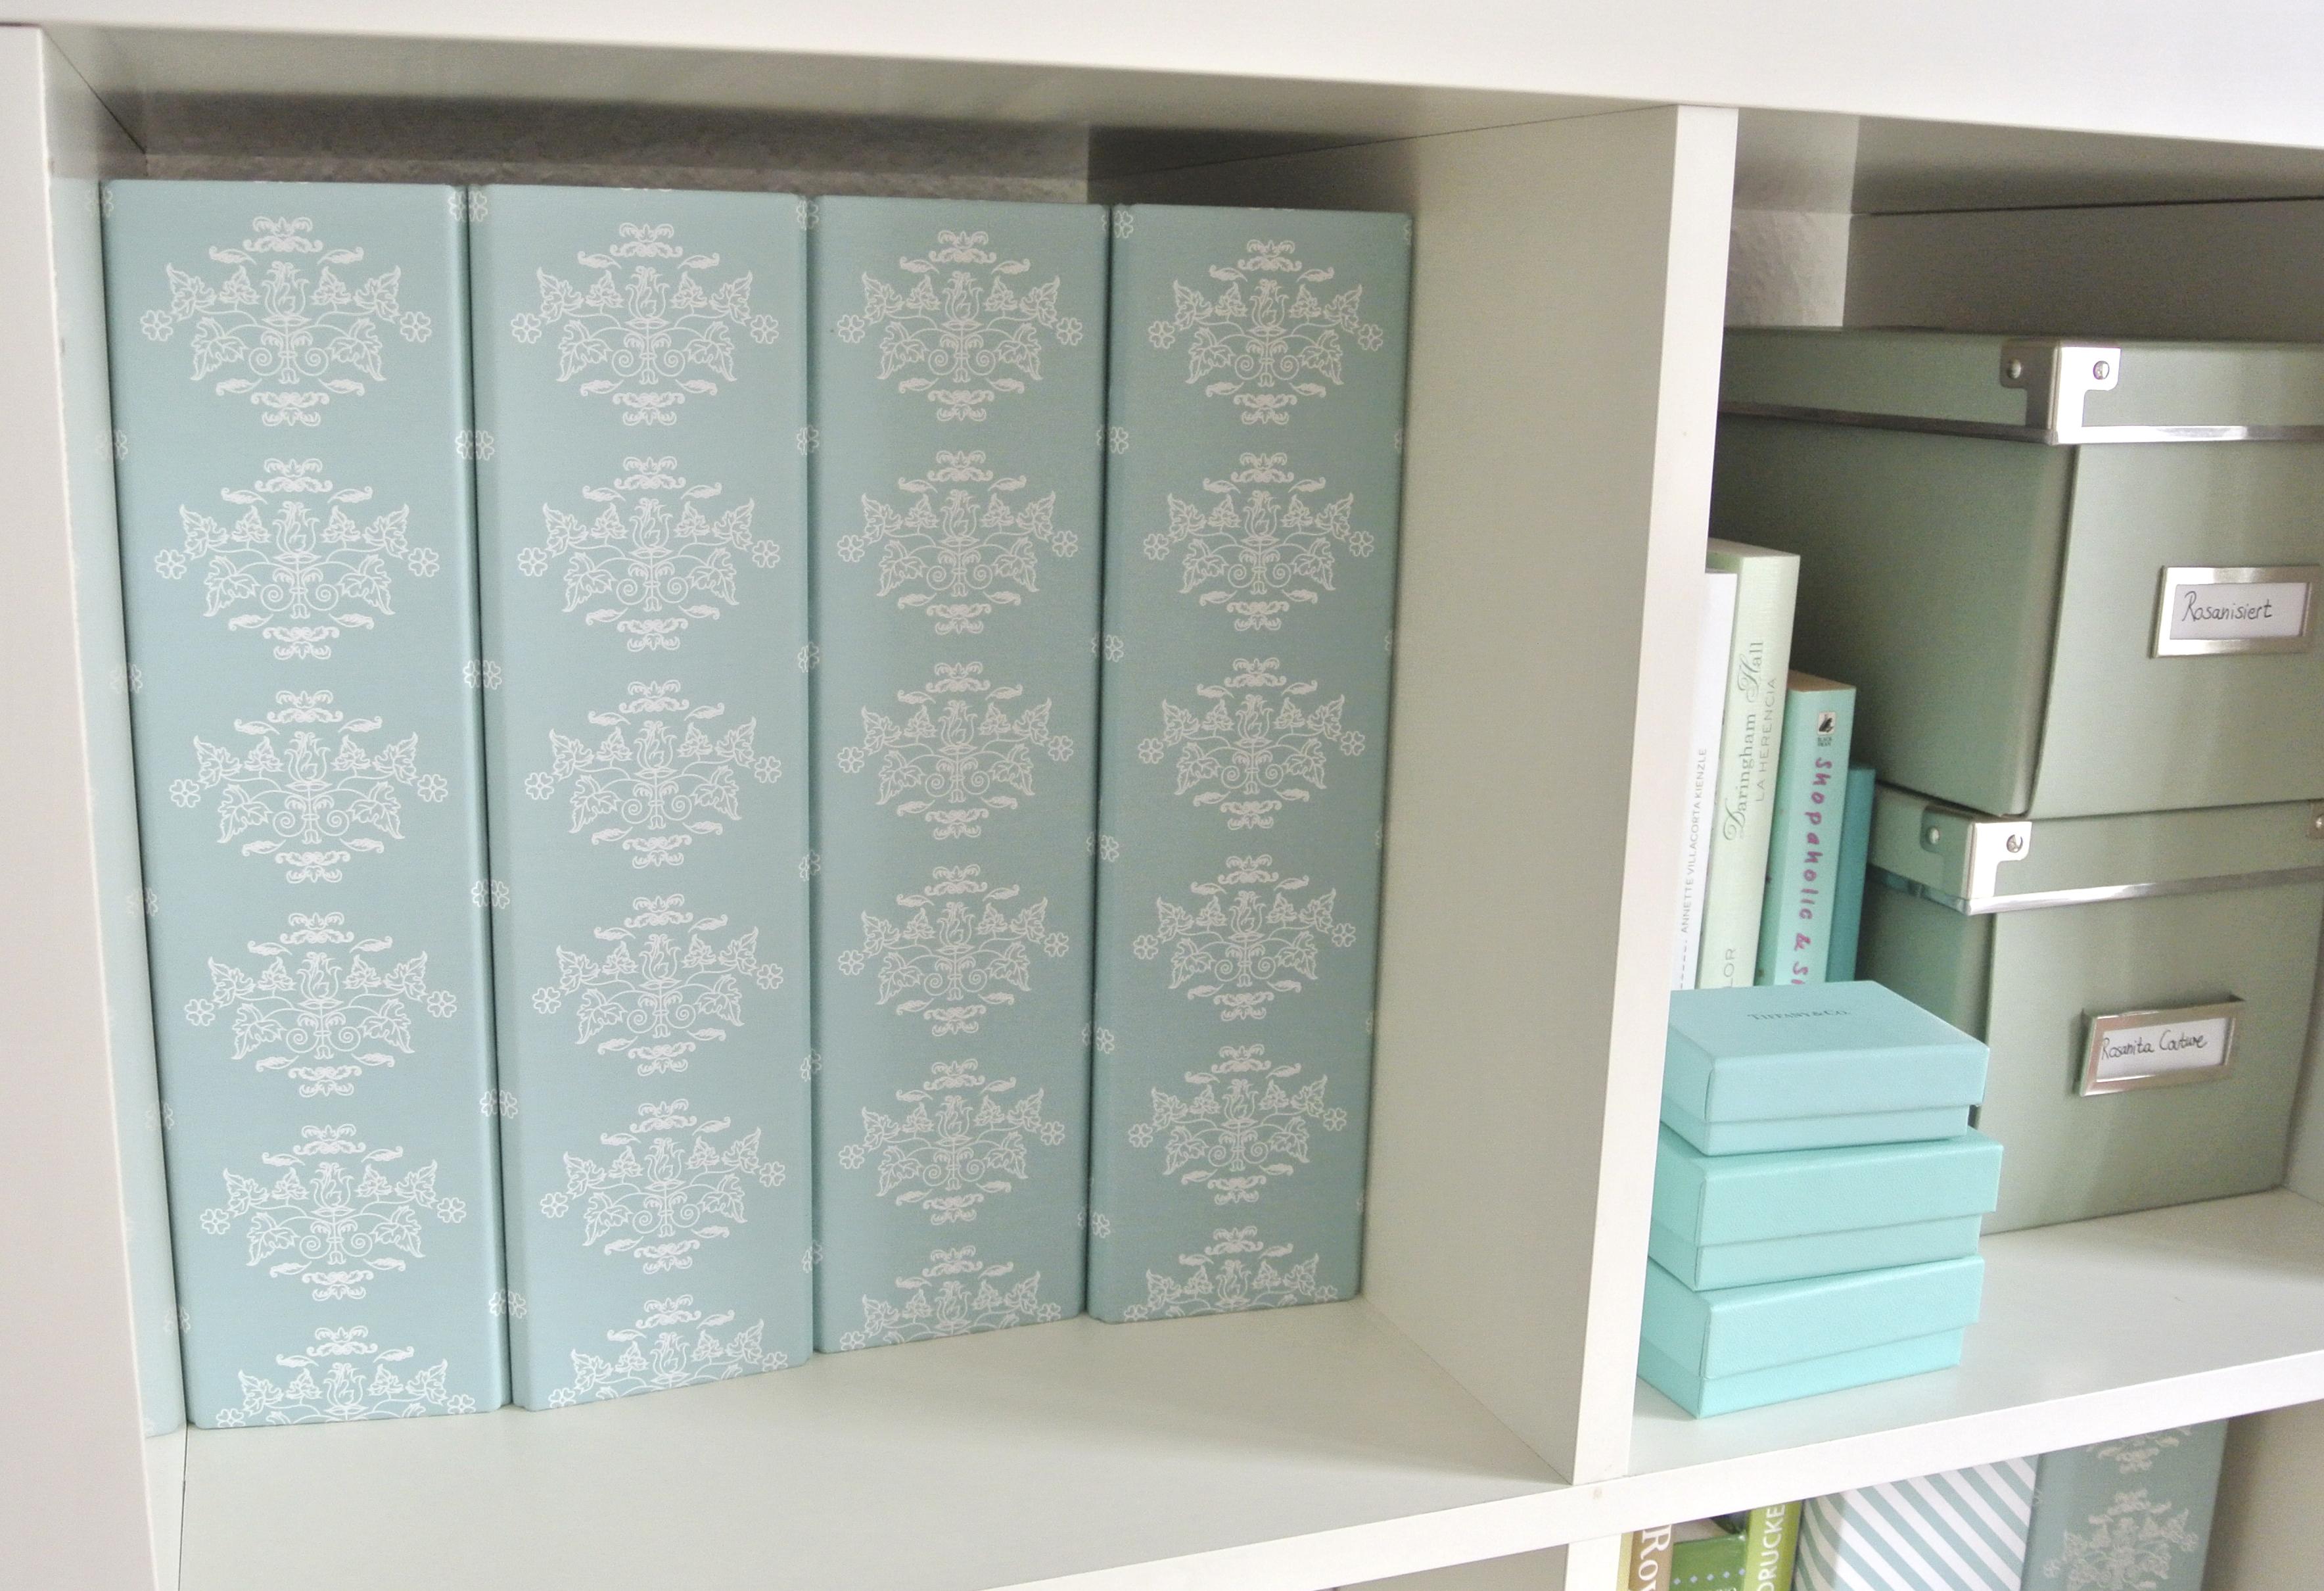 sch ne ordner rosanisiert gibt es jetzt auch in t rkis. Black Bedroom Furniture Sets. Home Design Ideas